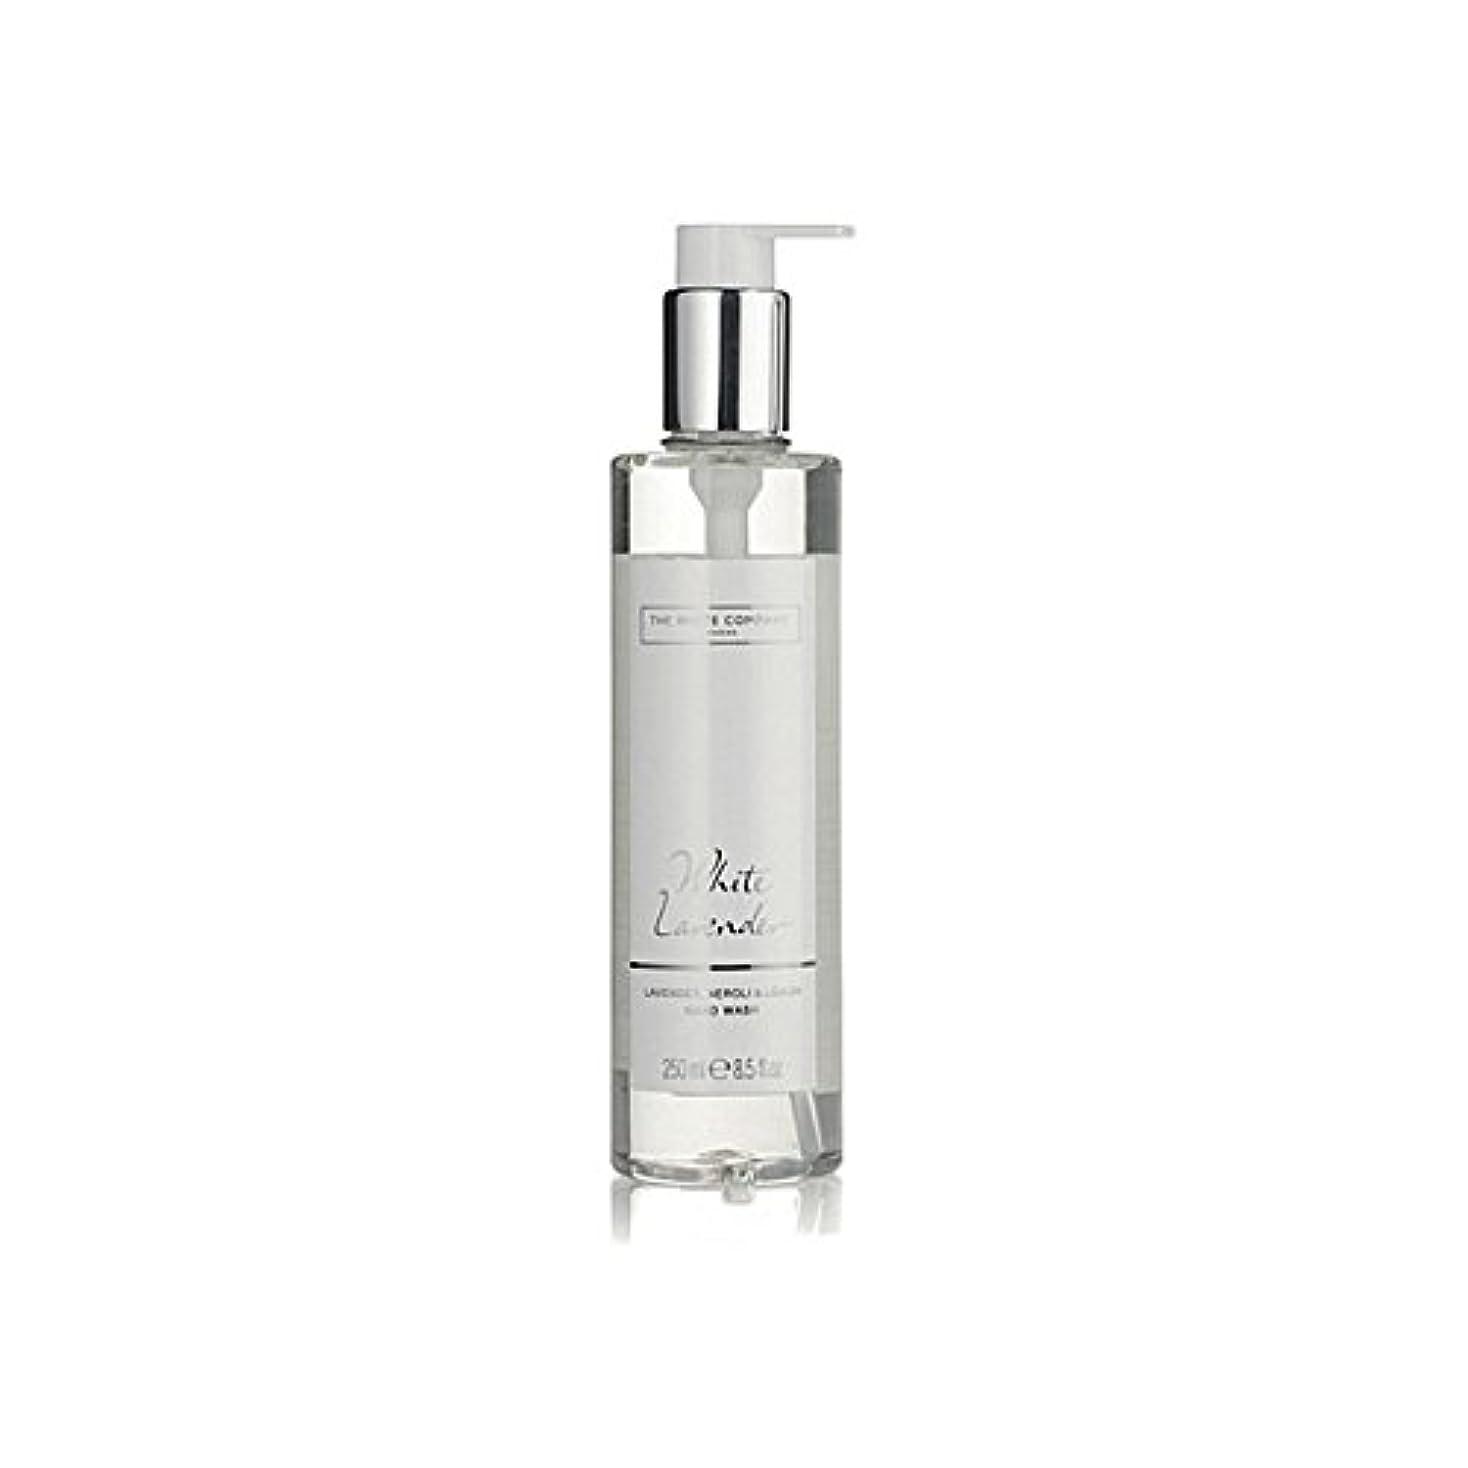 サバント講義驚かす白同社白ラベンダーハンドウォッシュ x2 - The White Company White Lavender Hand Wash (Pack of 2) [並行輸入品]